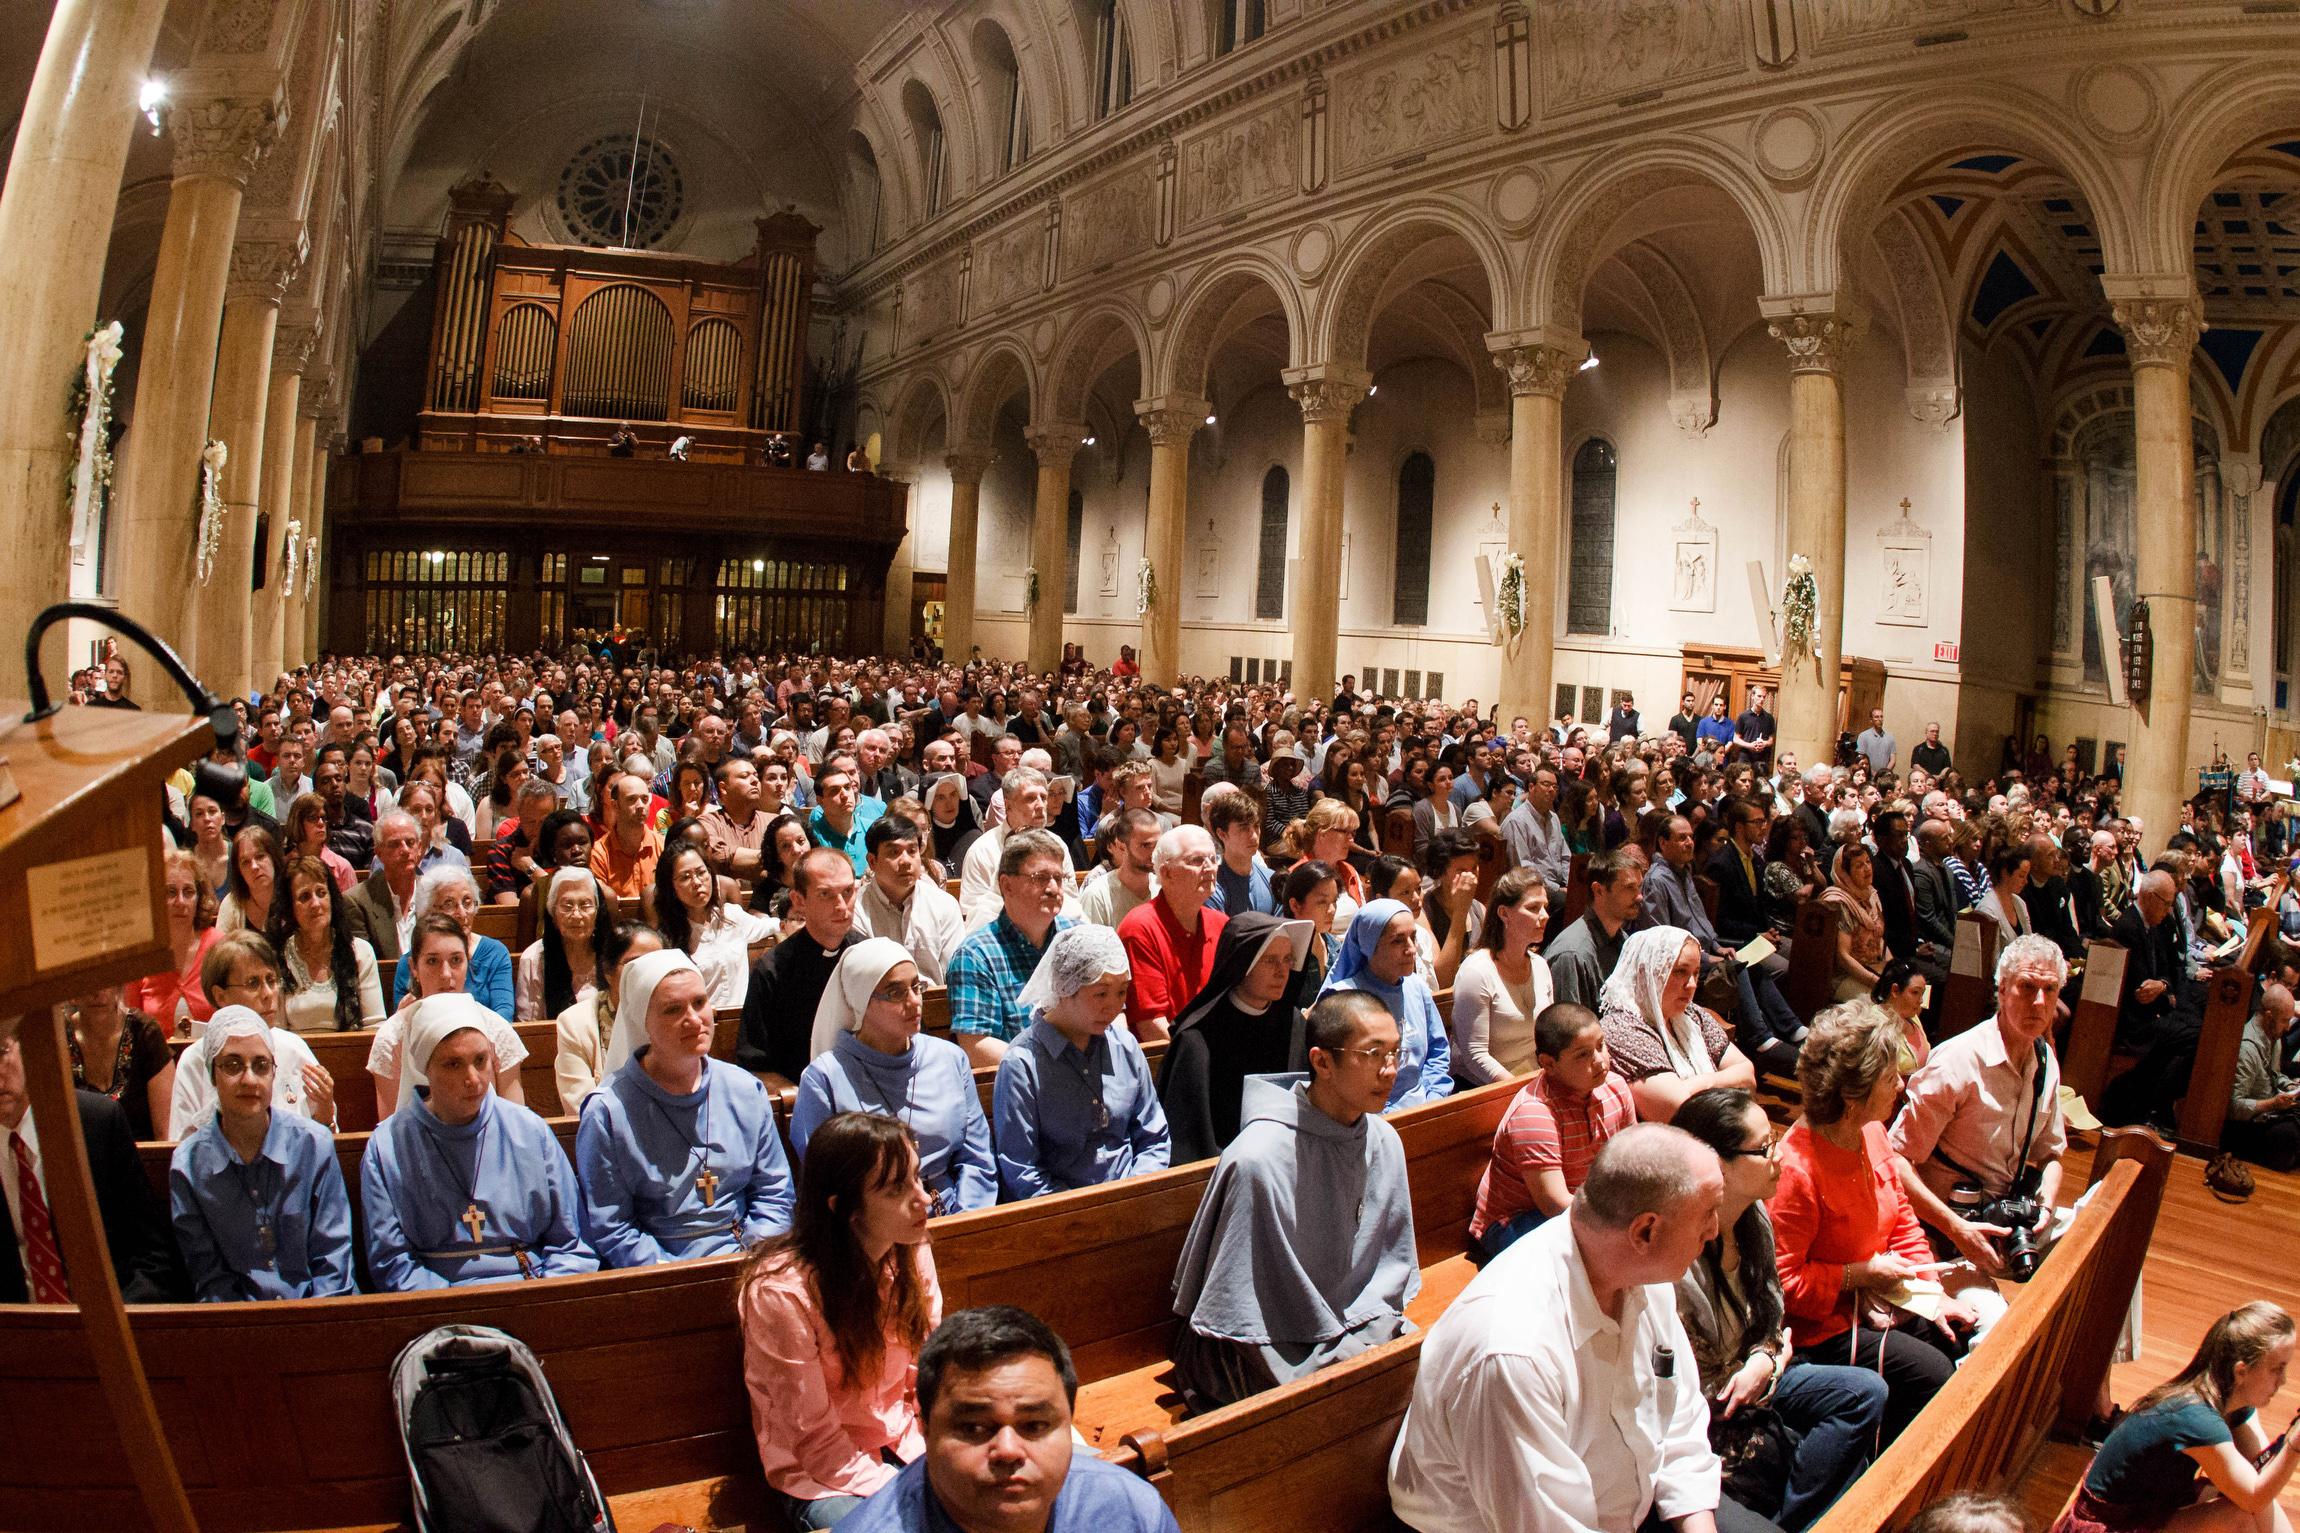 chiesa piena